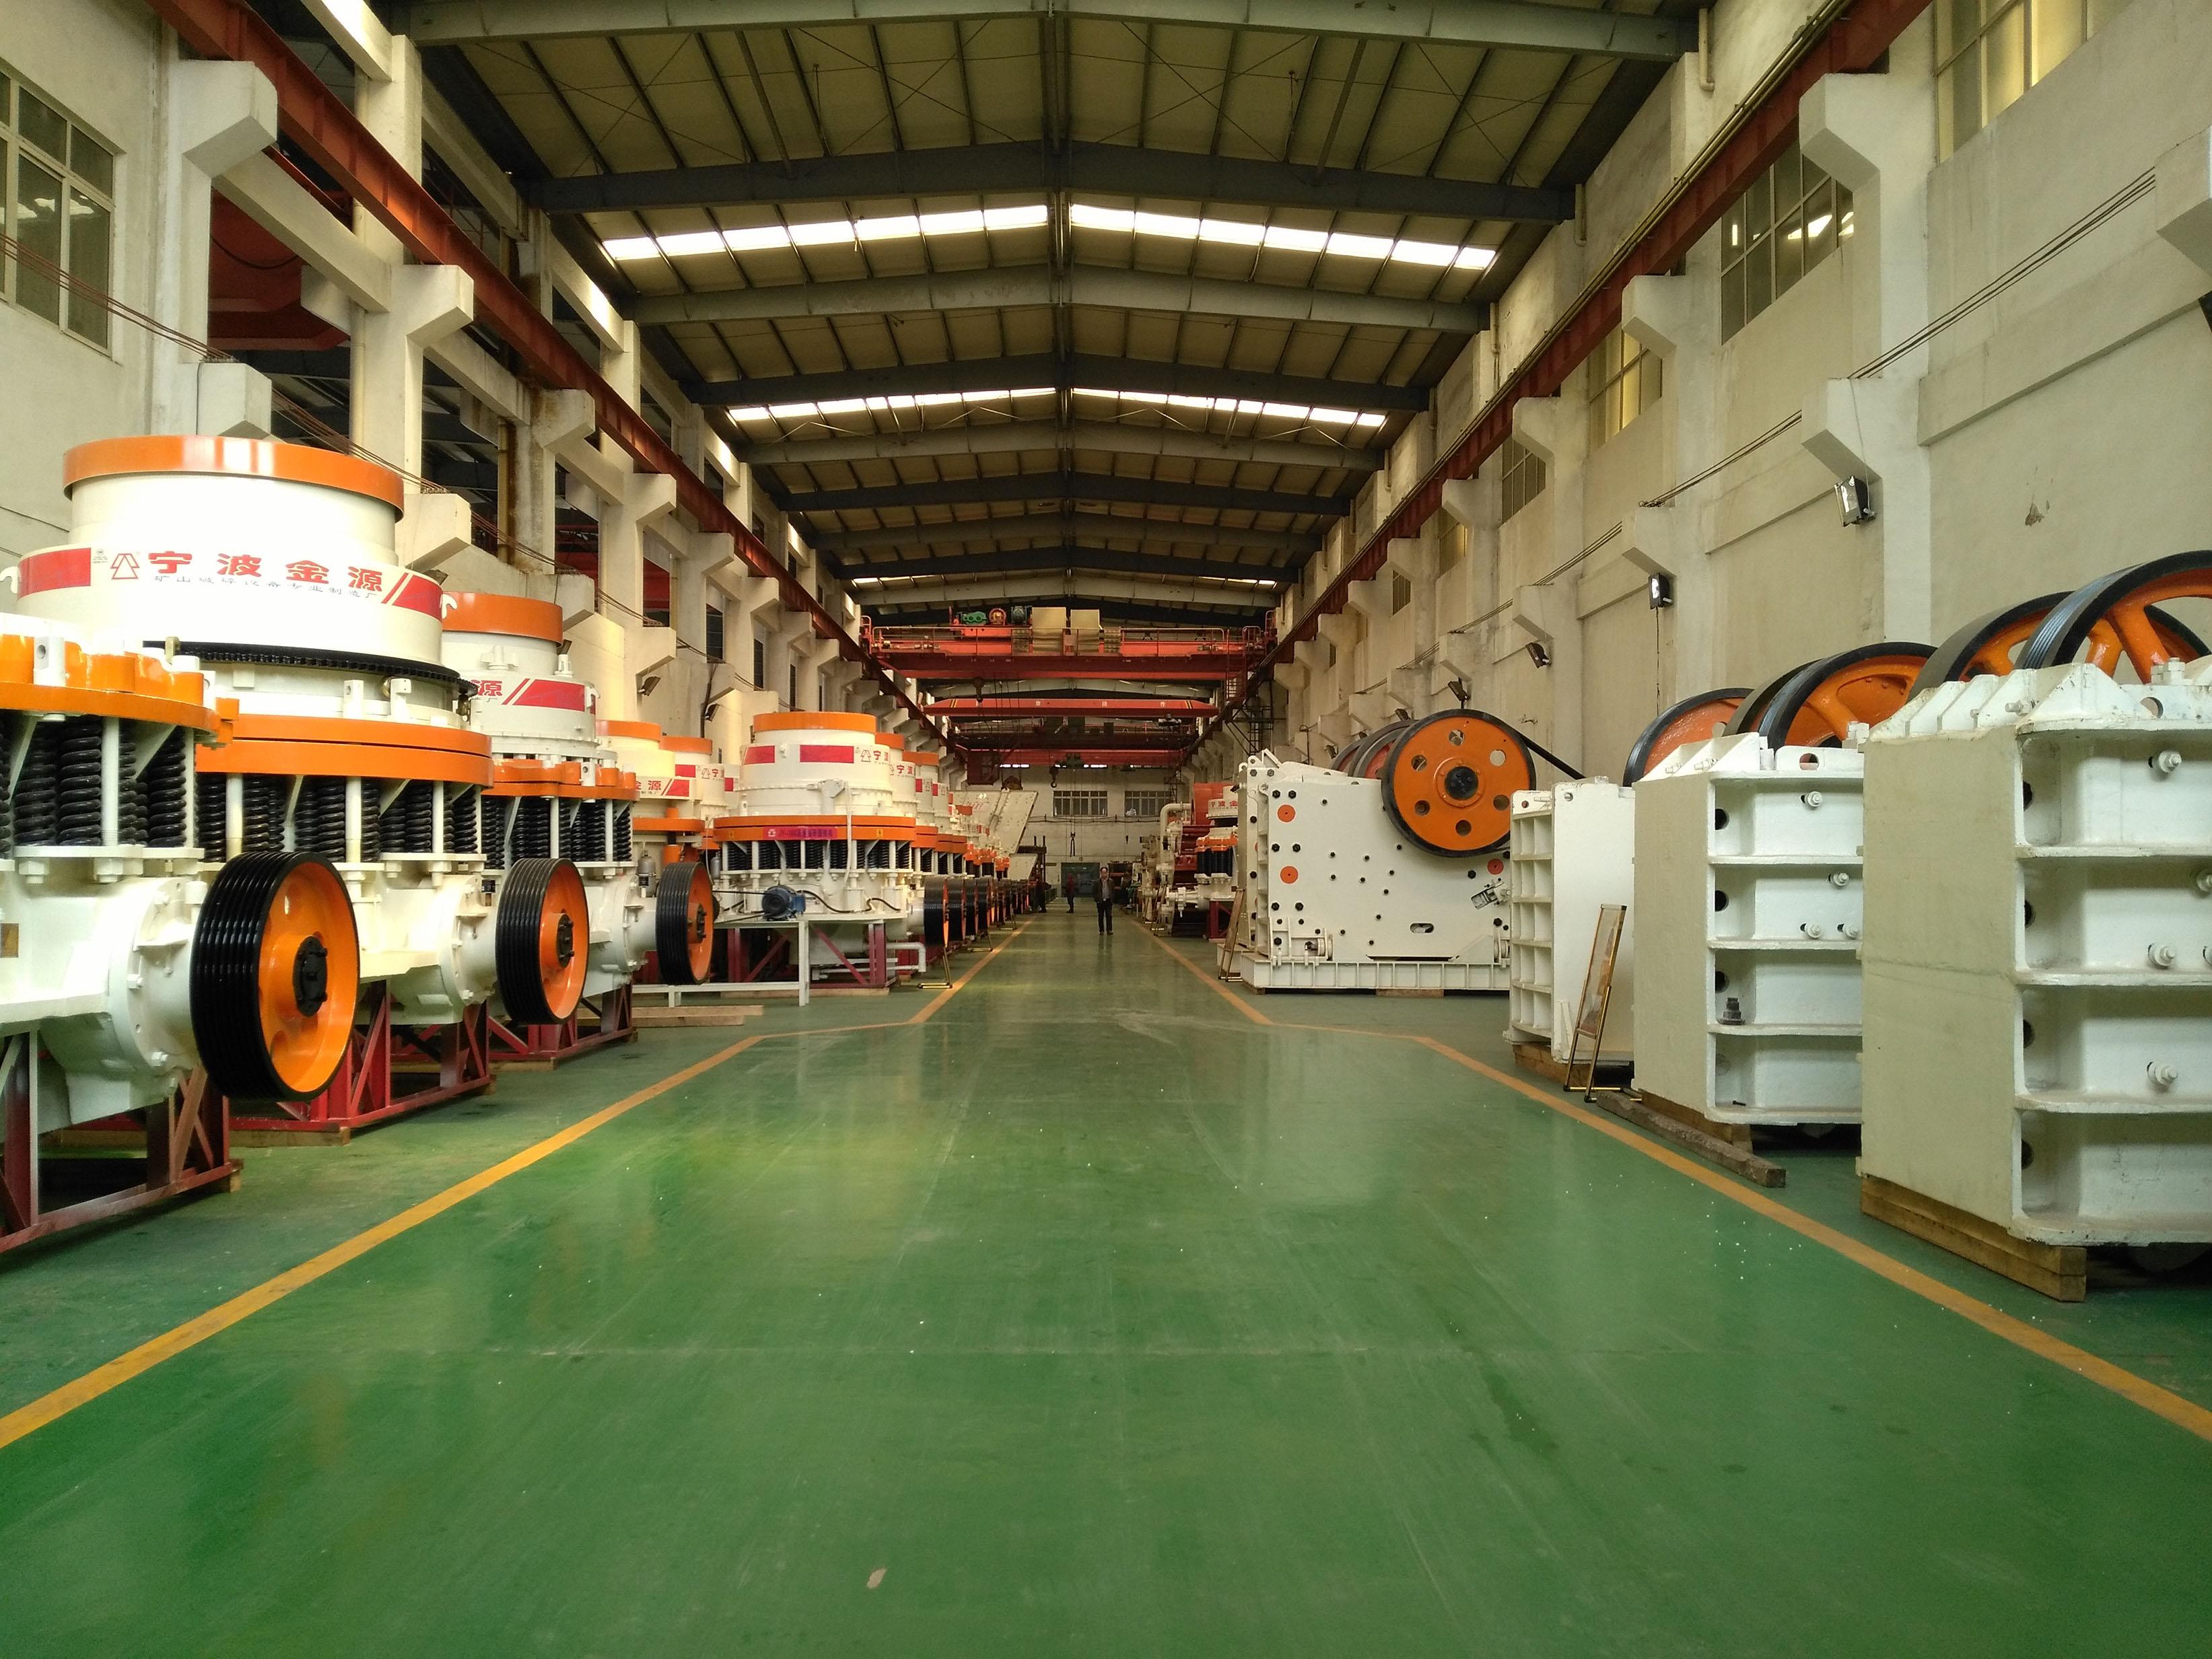 Ningbo Xingji Jinyuan Mining Machinery Manufacturing Co., Ltd. Main Image